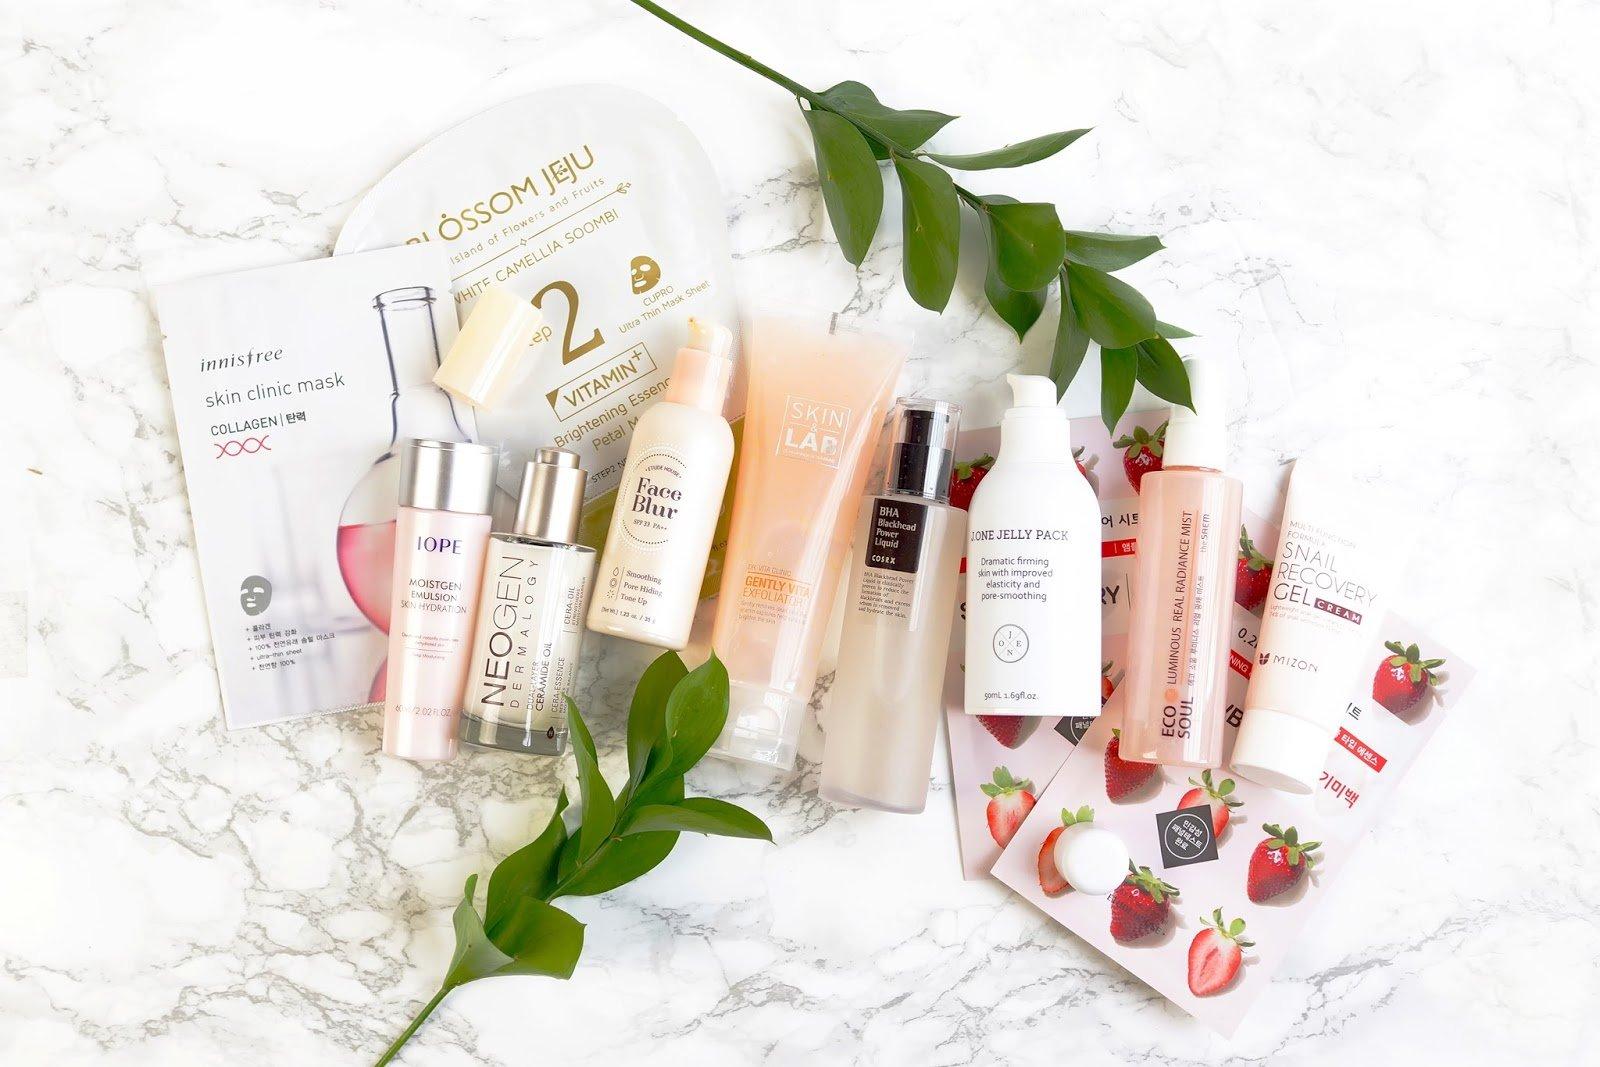 Top 5 Korean Skincare Brands